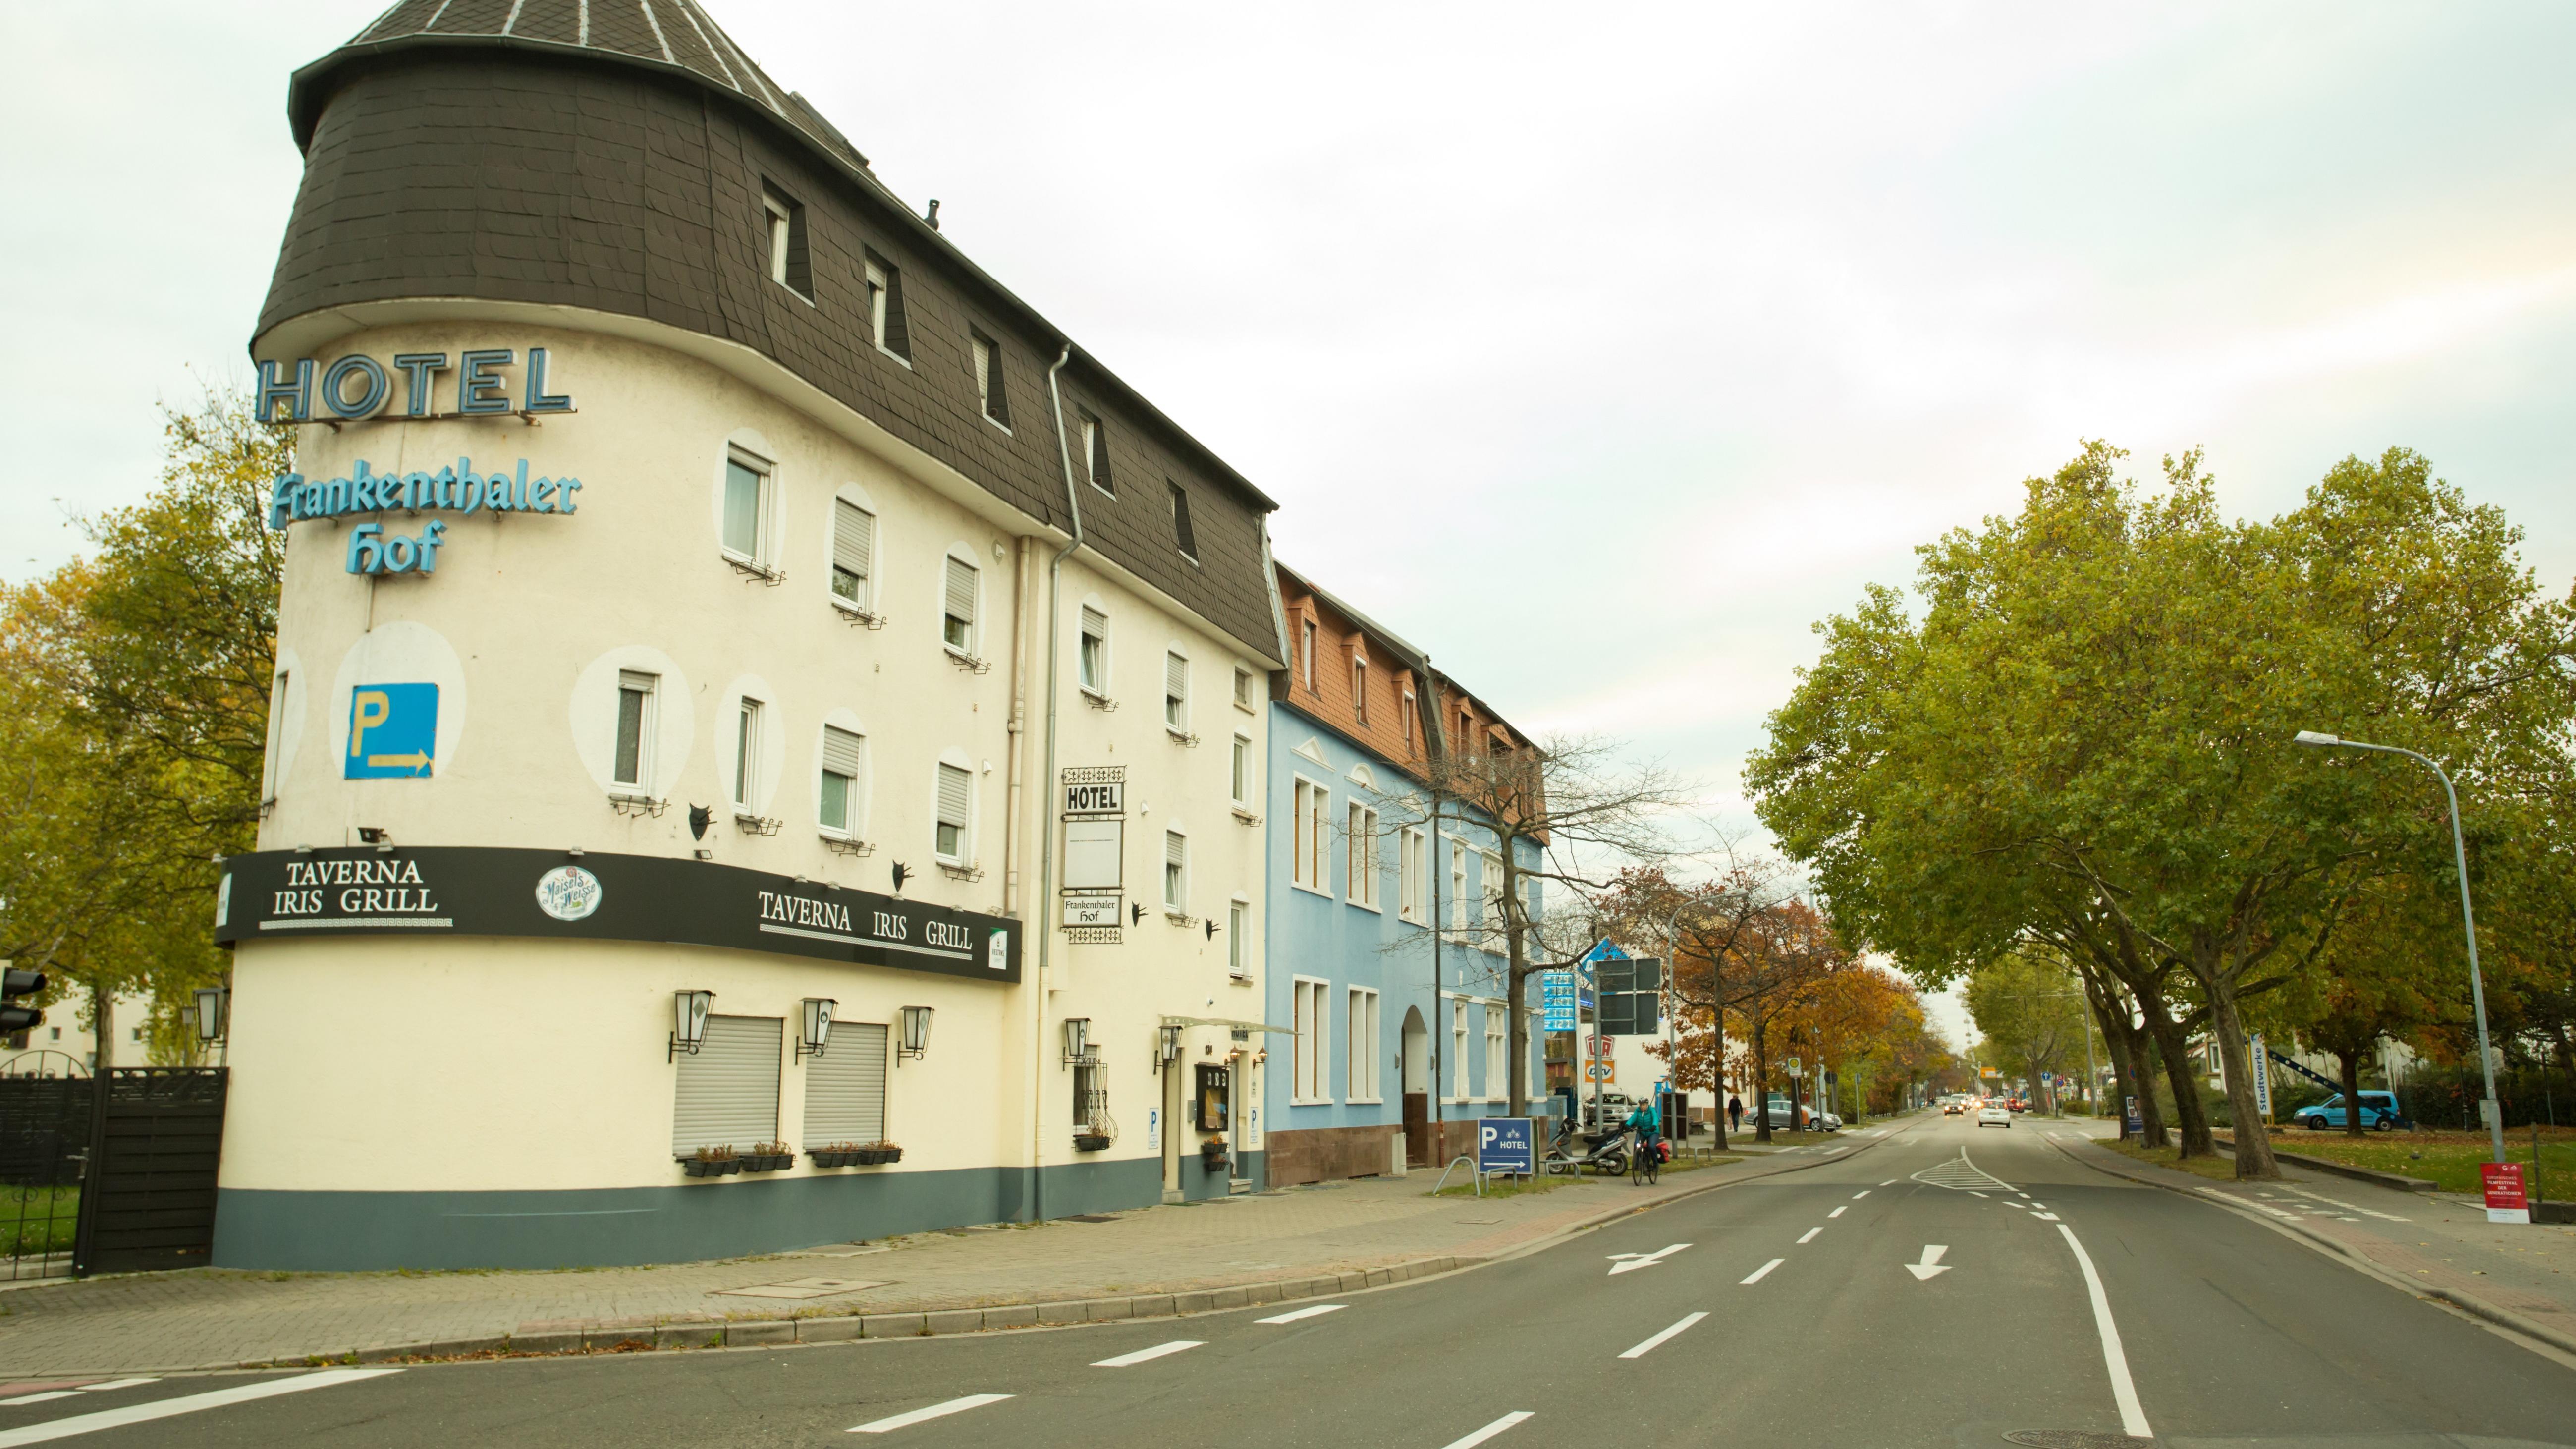 Hotel Frankenthaler Hof, Wormser Straße in Frankenthal (Pfalz)